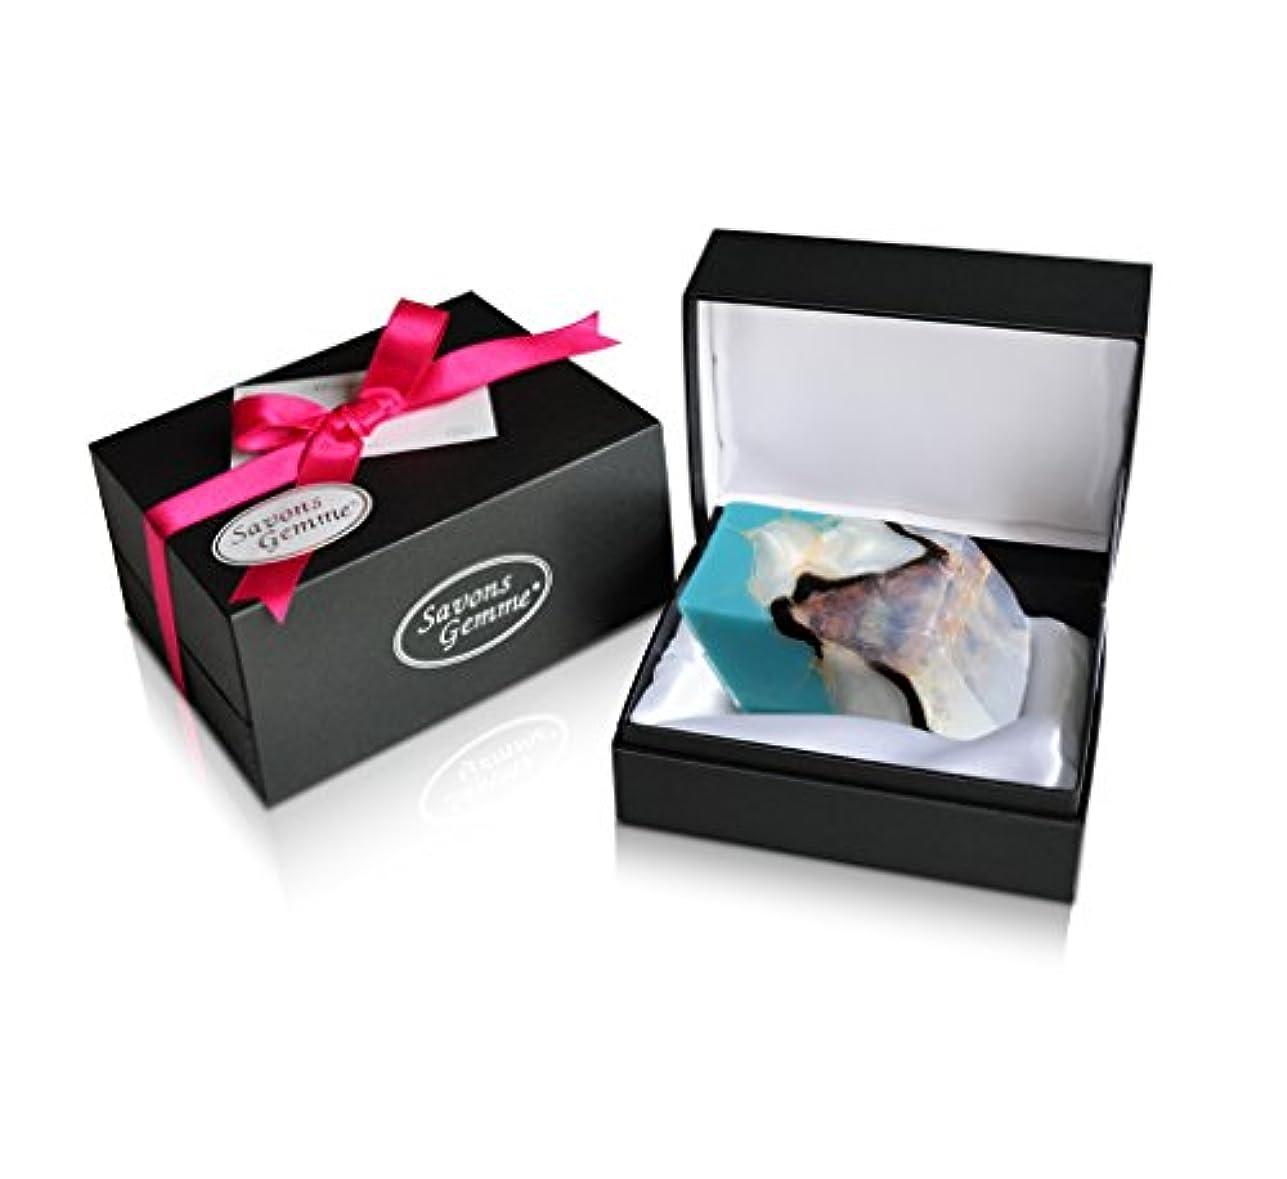 基準クリスマス練るSavons Gemme サボンジェム ジュエリーギフトボックス 世界で一番美しい宝石石鹸 フレグランス ソープ ターコイズ 170g